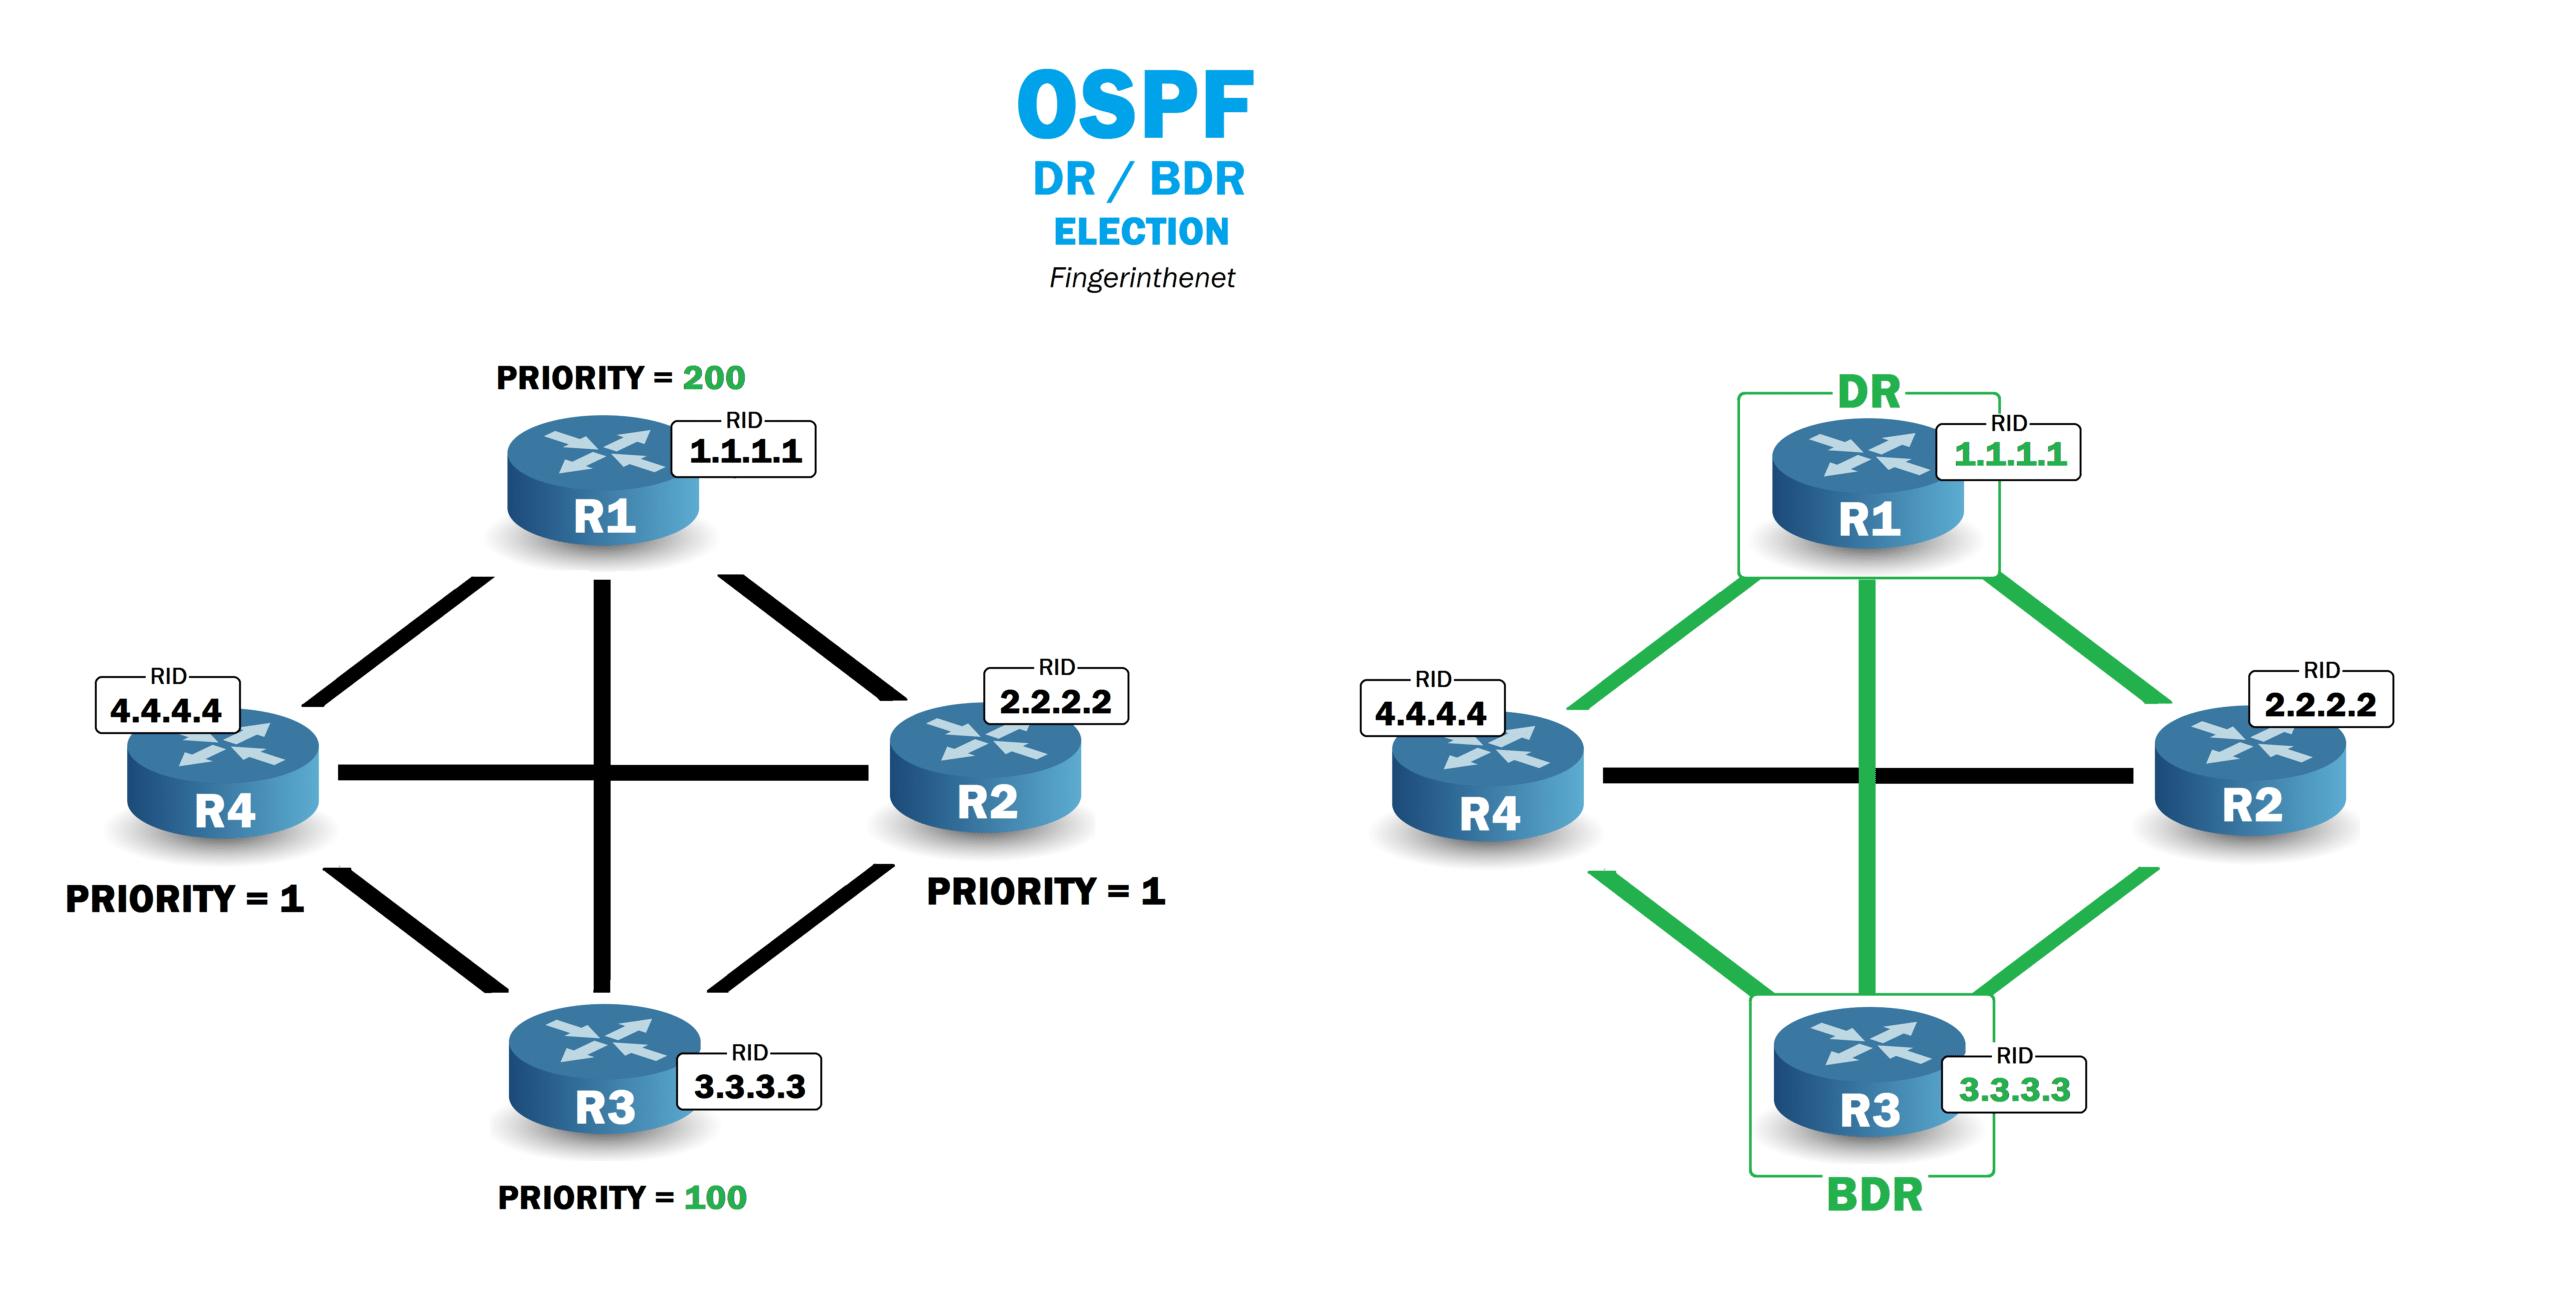 Élection du DR et BDR